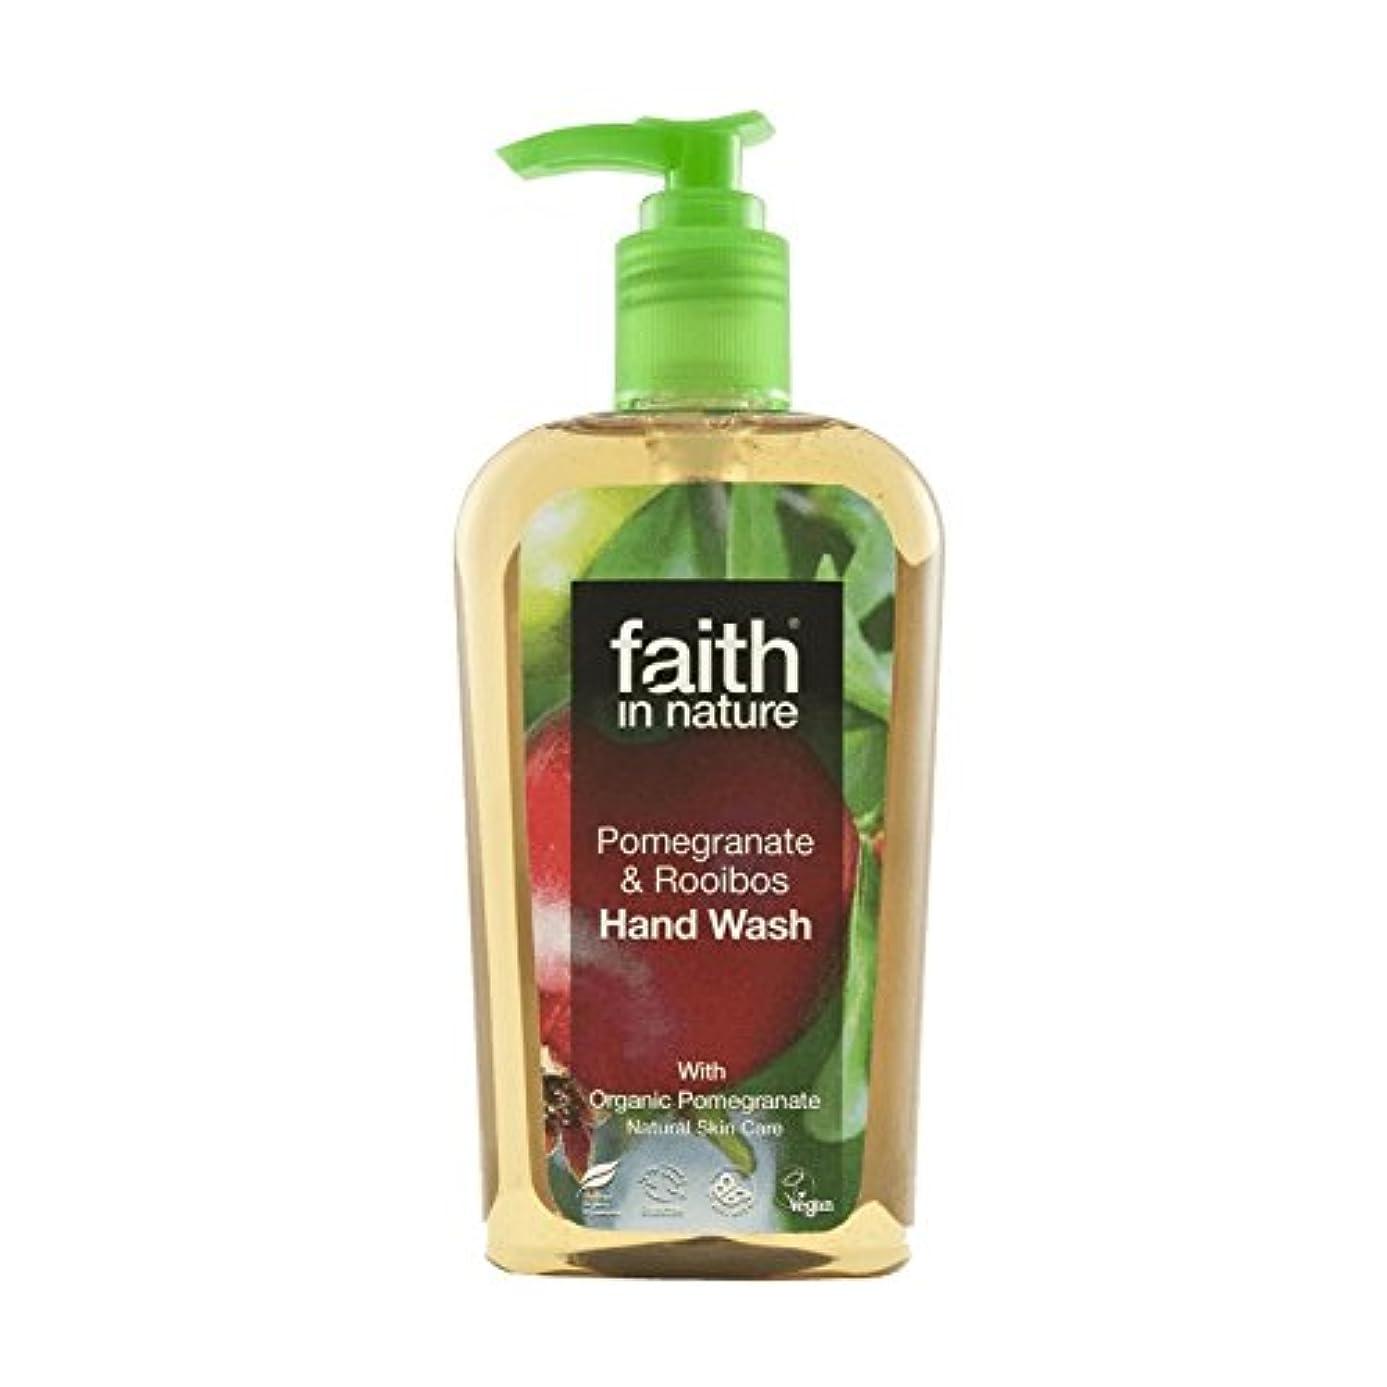 確執メタリック表面的なFaith In Nature Pomegranate & Rooibos Handwash 300ml (Pack of 2) - 自然ザクロ&ルイボス手洗いの300ミリリットルの信仰 (x2) [並行輸入品]